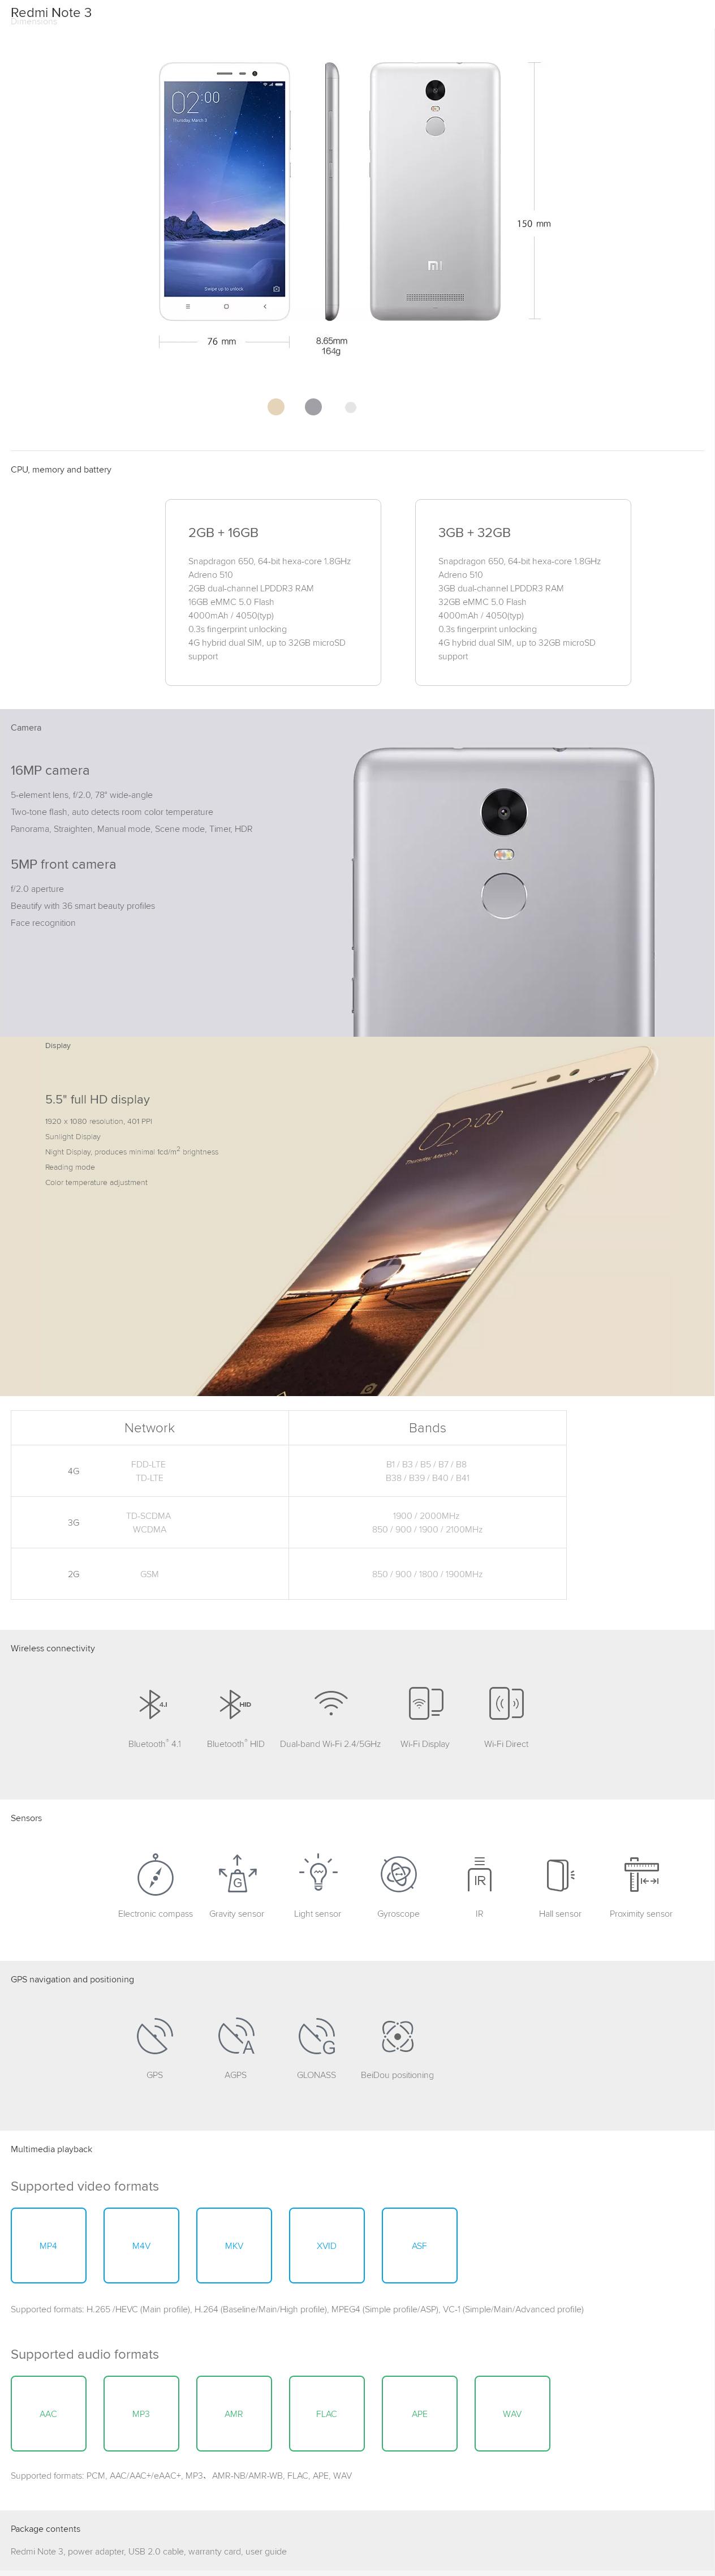 redminote3 Xiaomi Redmi Note 3